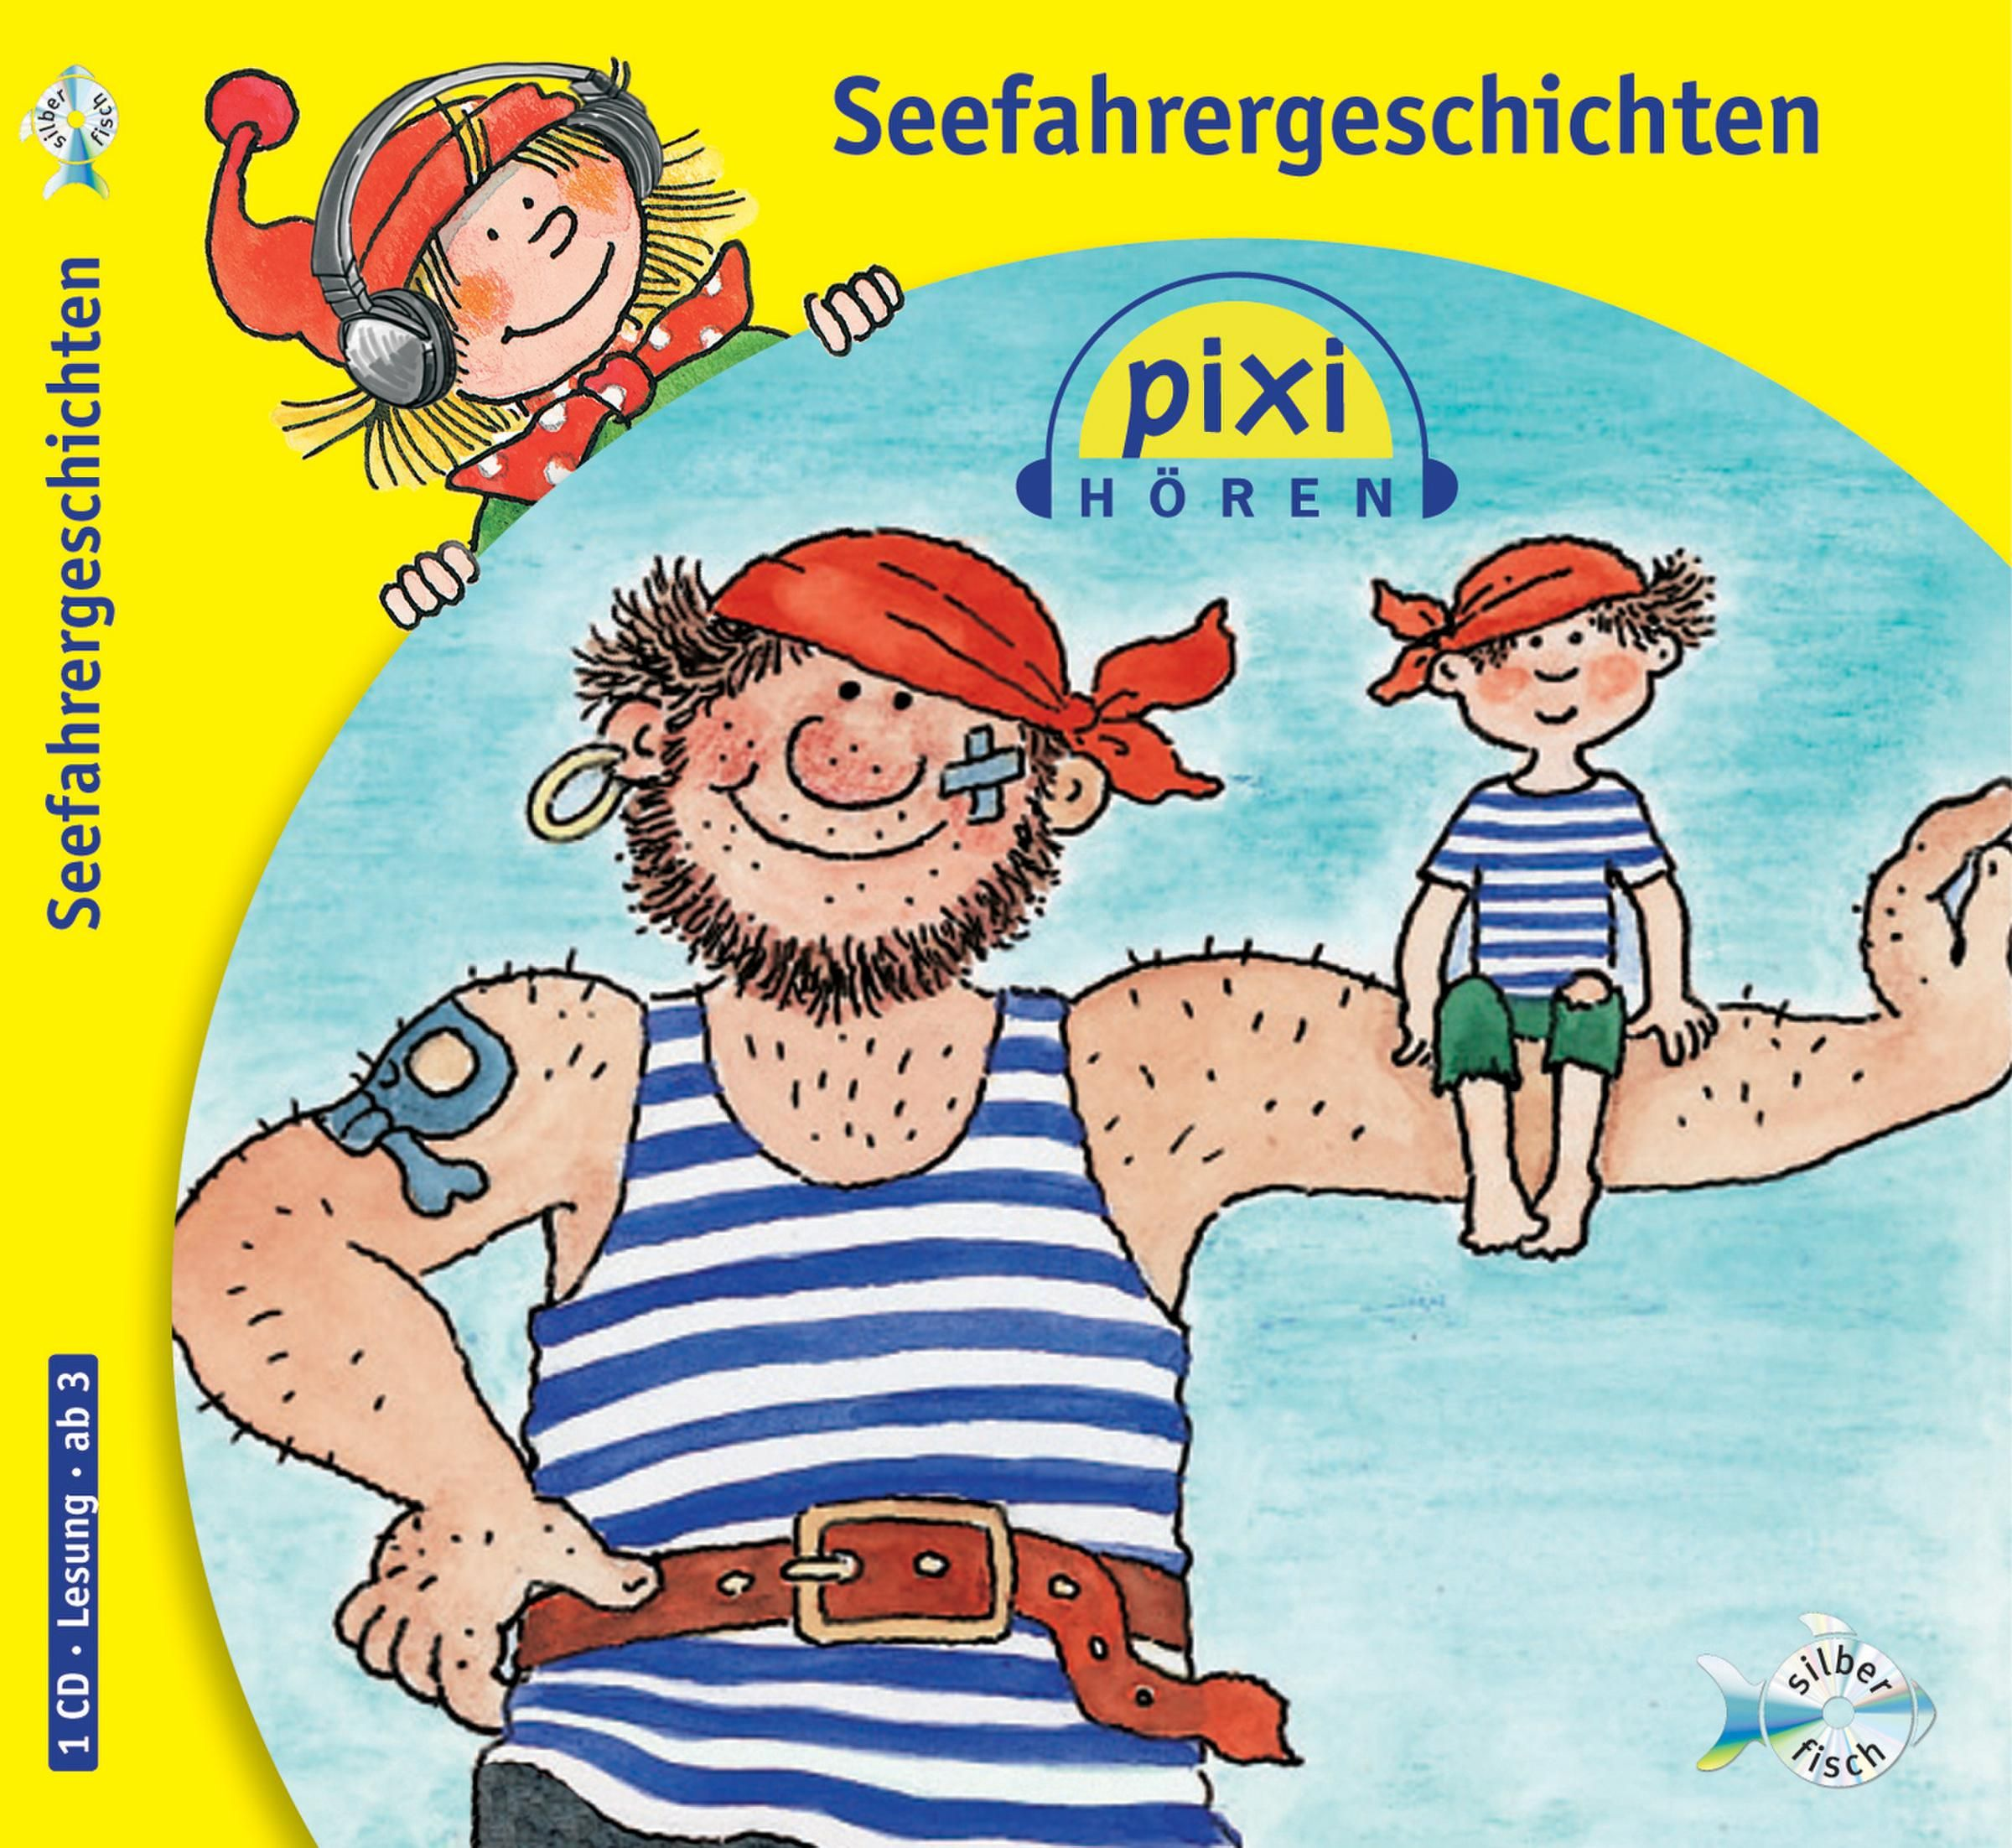 Seefahrergeschichten